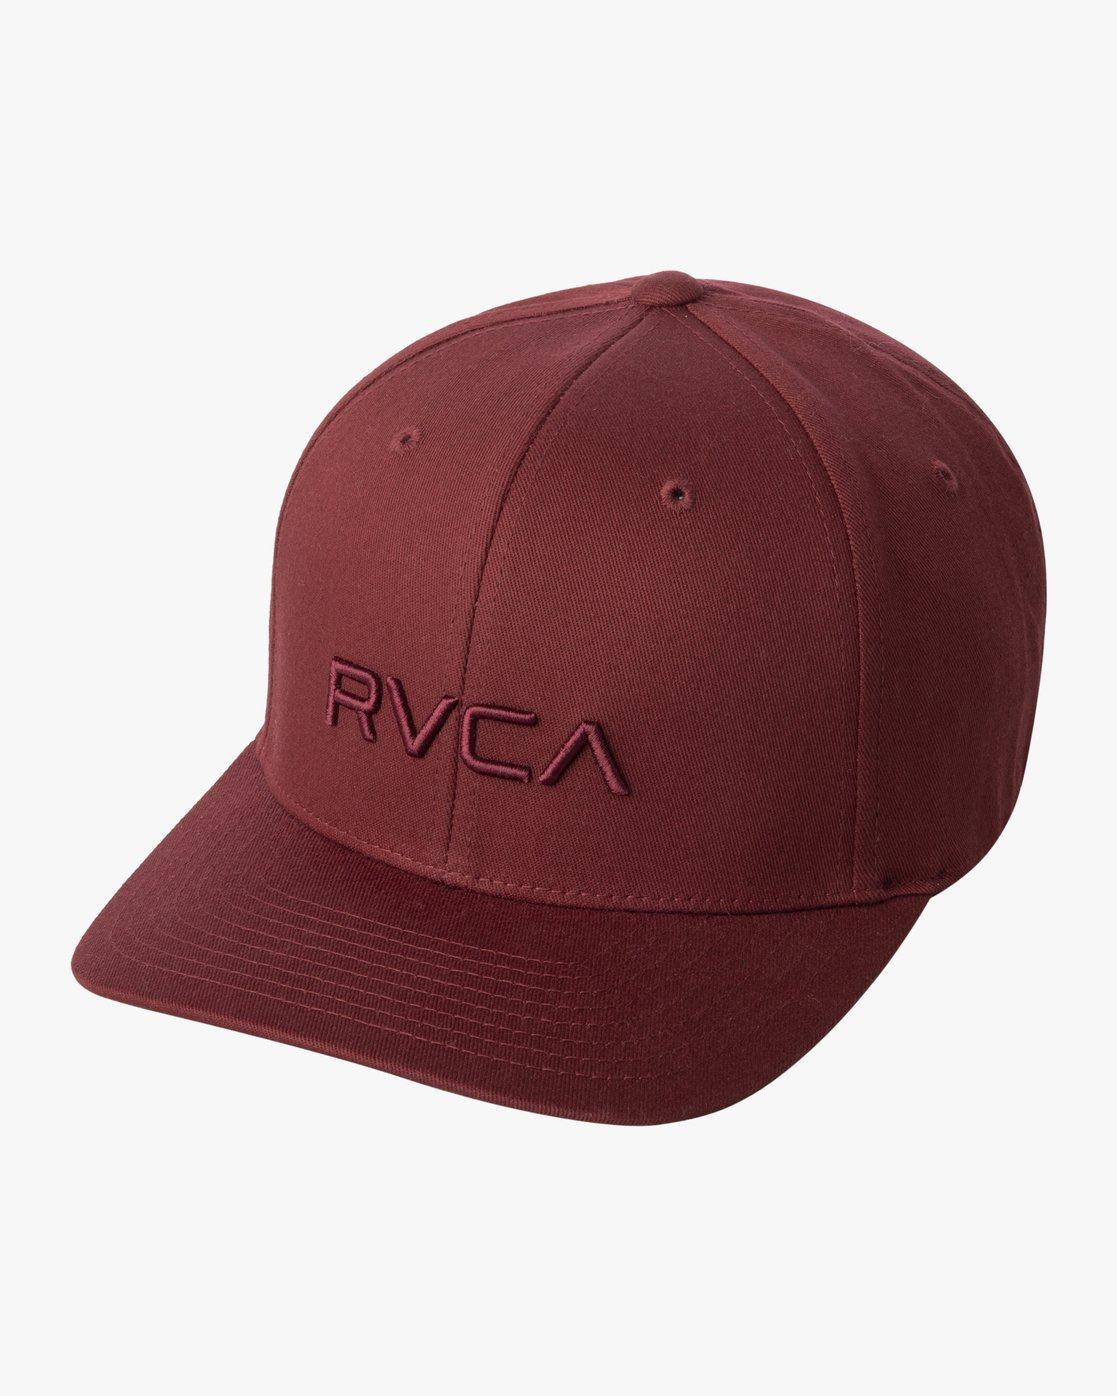 0 RVCA FLEX FIT HAT Red MHAHWRFF RVCA